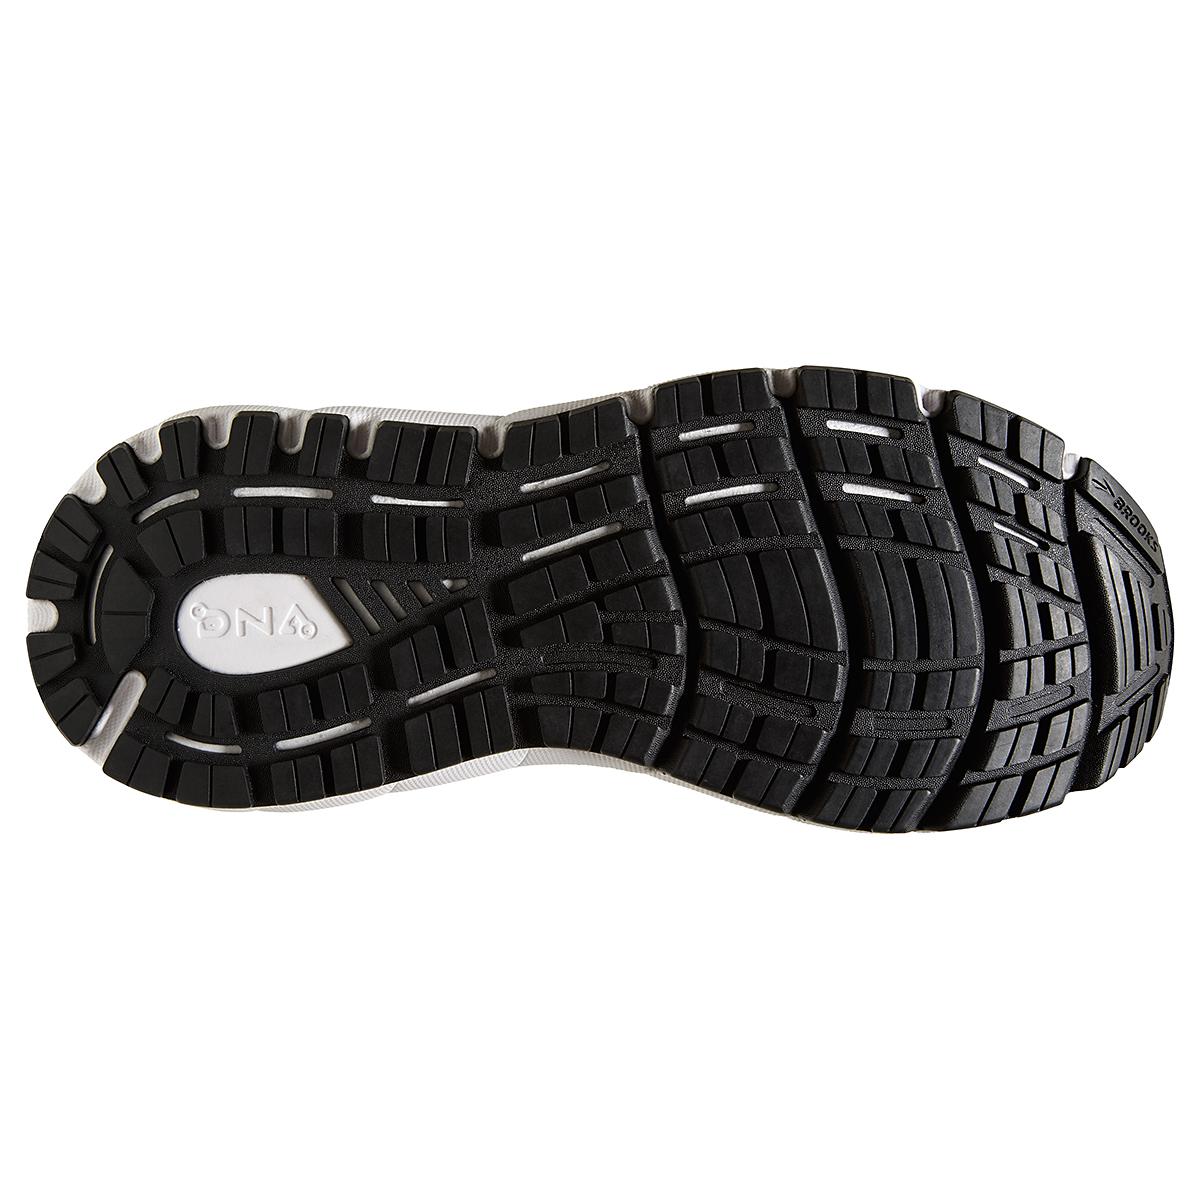 Women's Brooks Addiction GTS 15 Running Shoe - Color: Black/Ebony/Mauvewood - Size: 5 - Width: Regular, Black/Ebony/Mauvewood, large, image 4